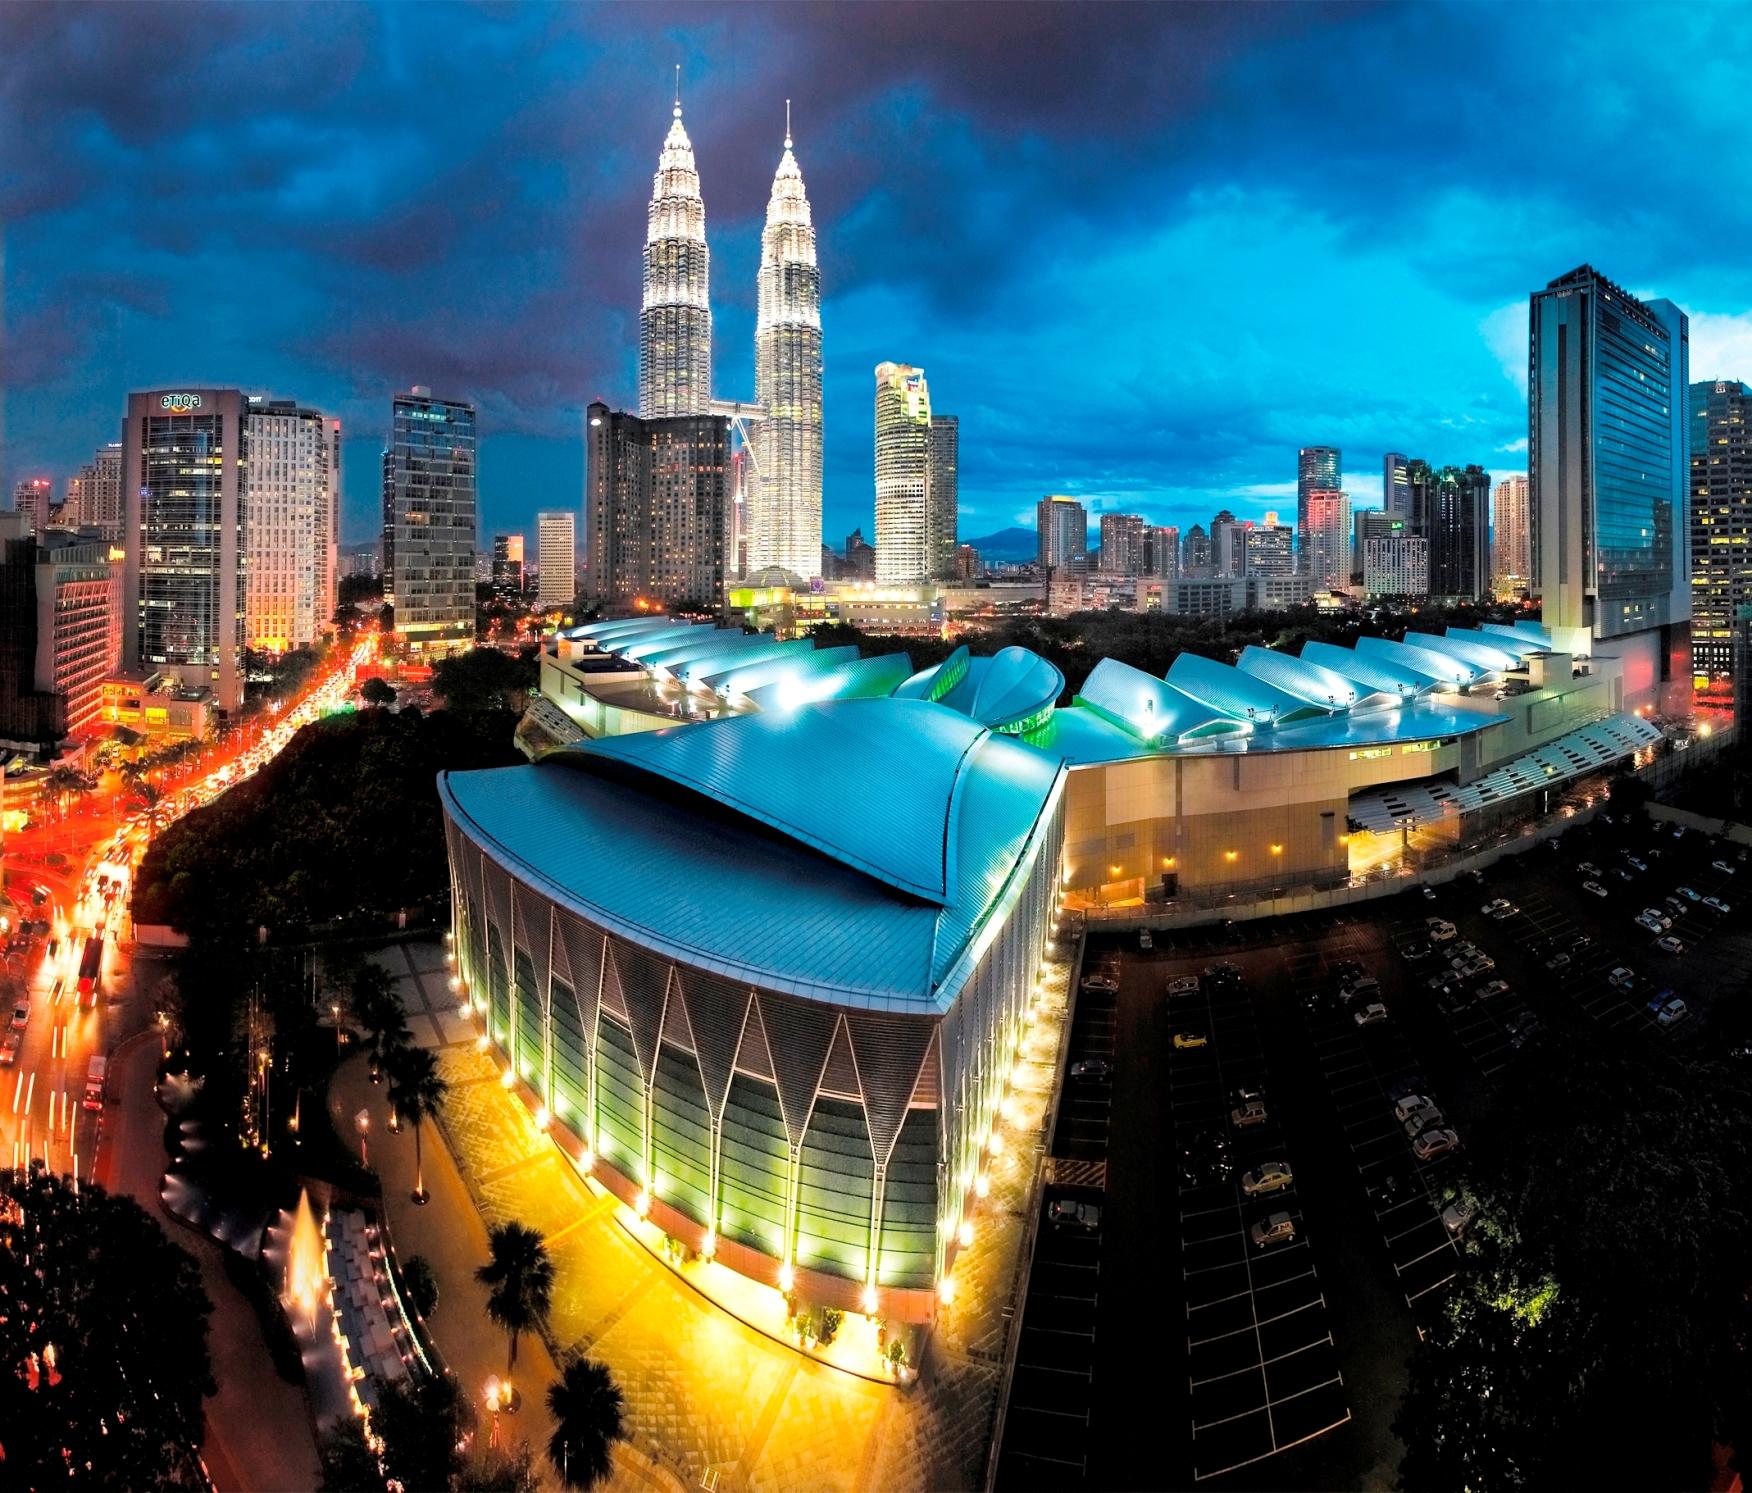 Kuala Lumpur: Vincent Loy's Online Journal